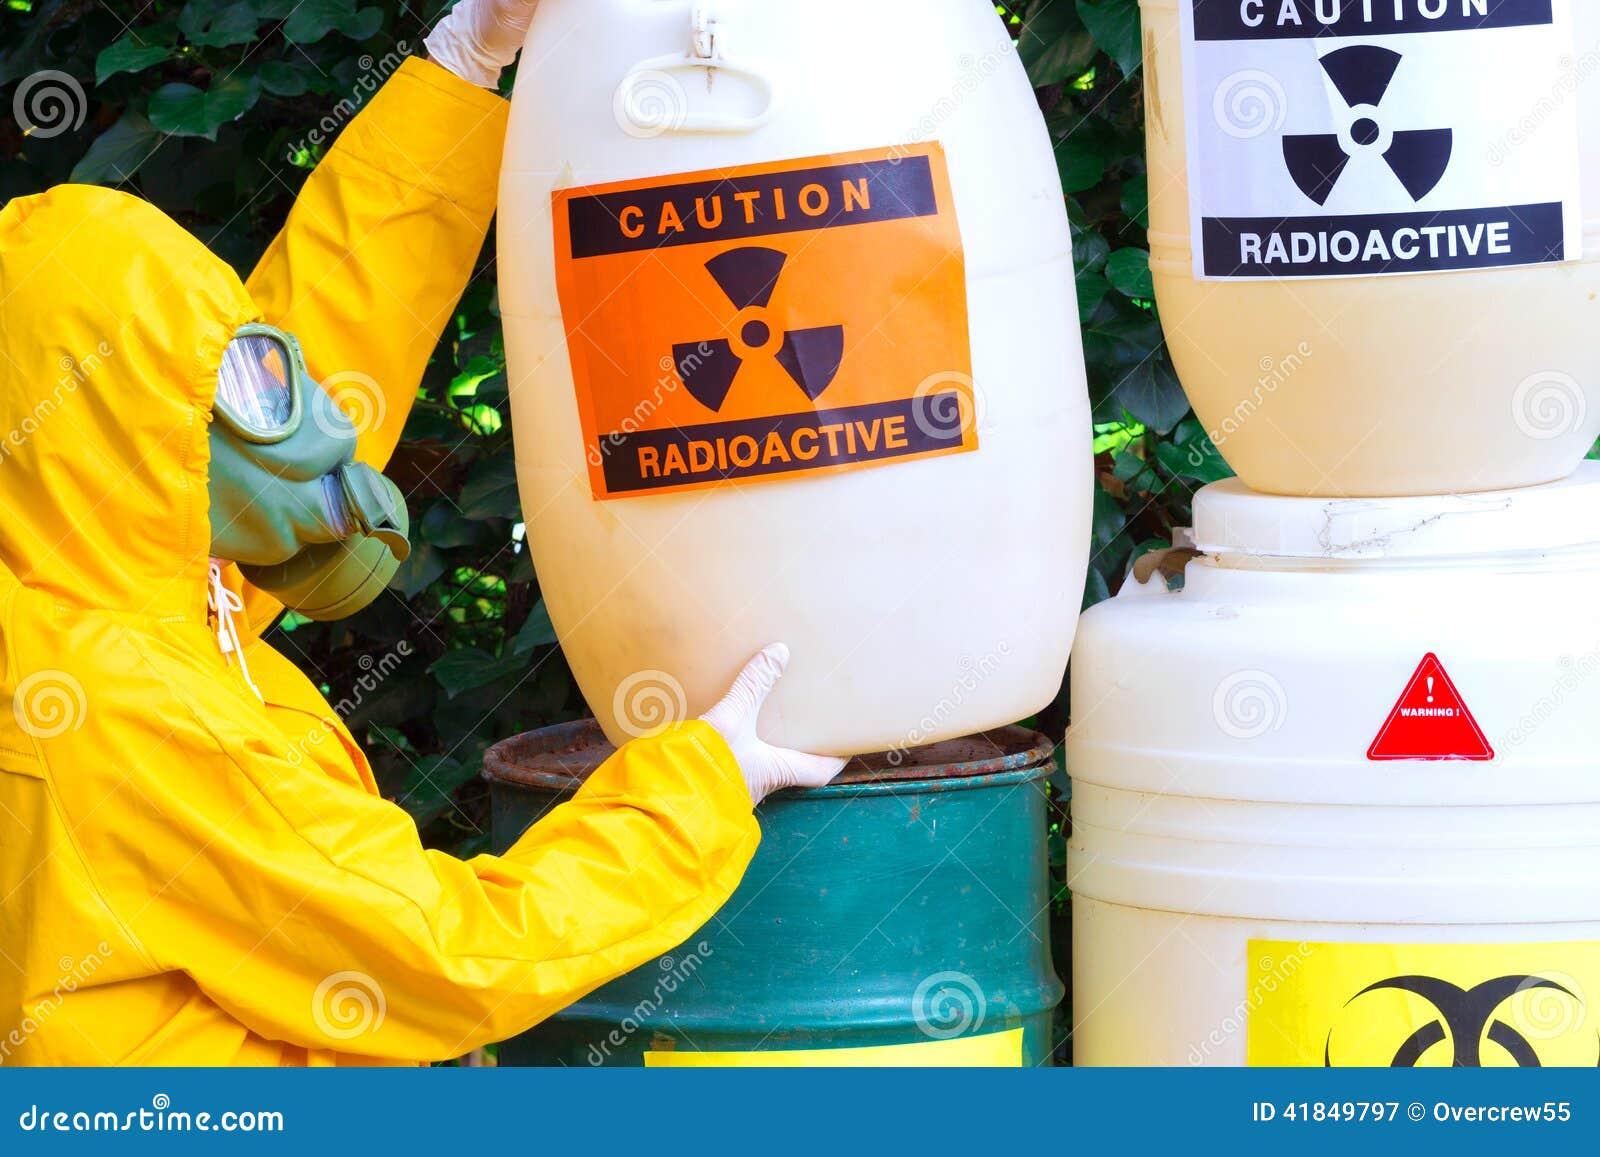 Beseitigung von Radioactiveabfall